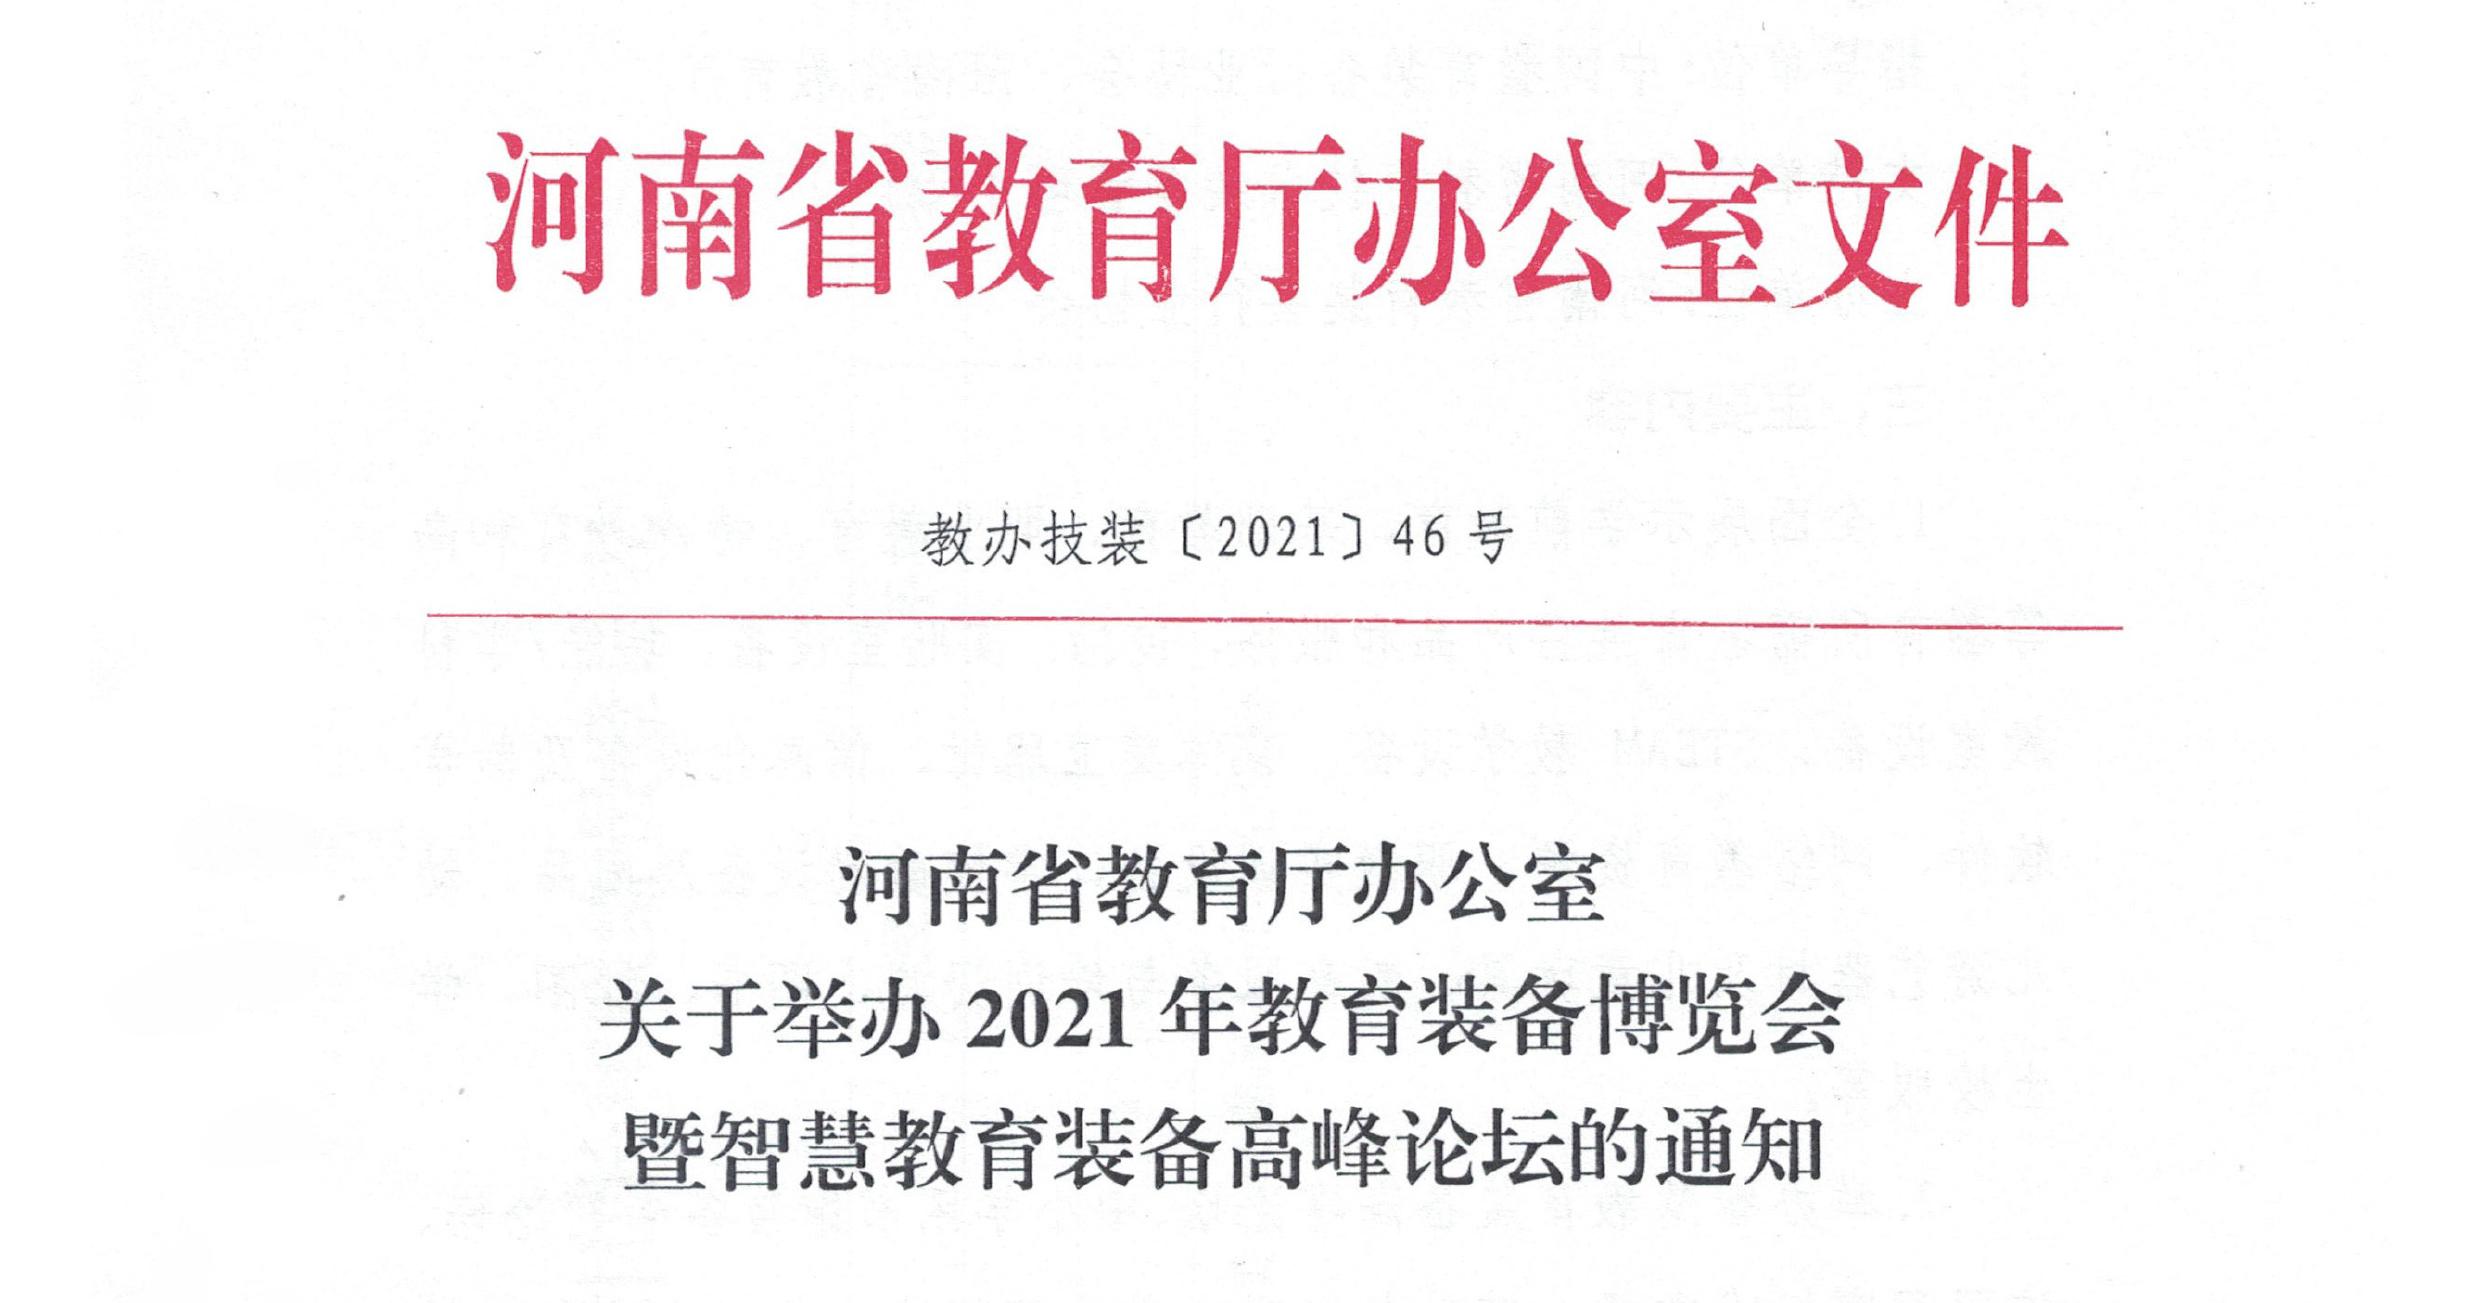 聚八方人氣,匯四海嘉賓,第三屆河南教育裝備博覽會即將重彩登場!